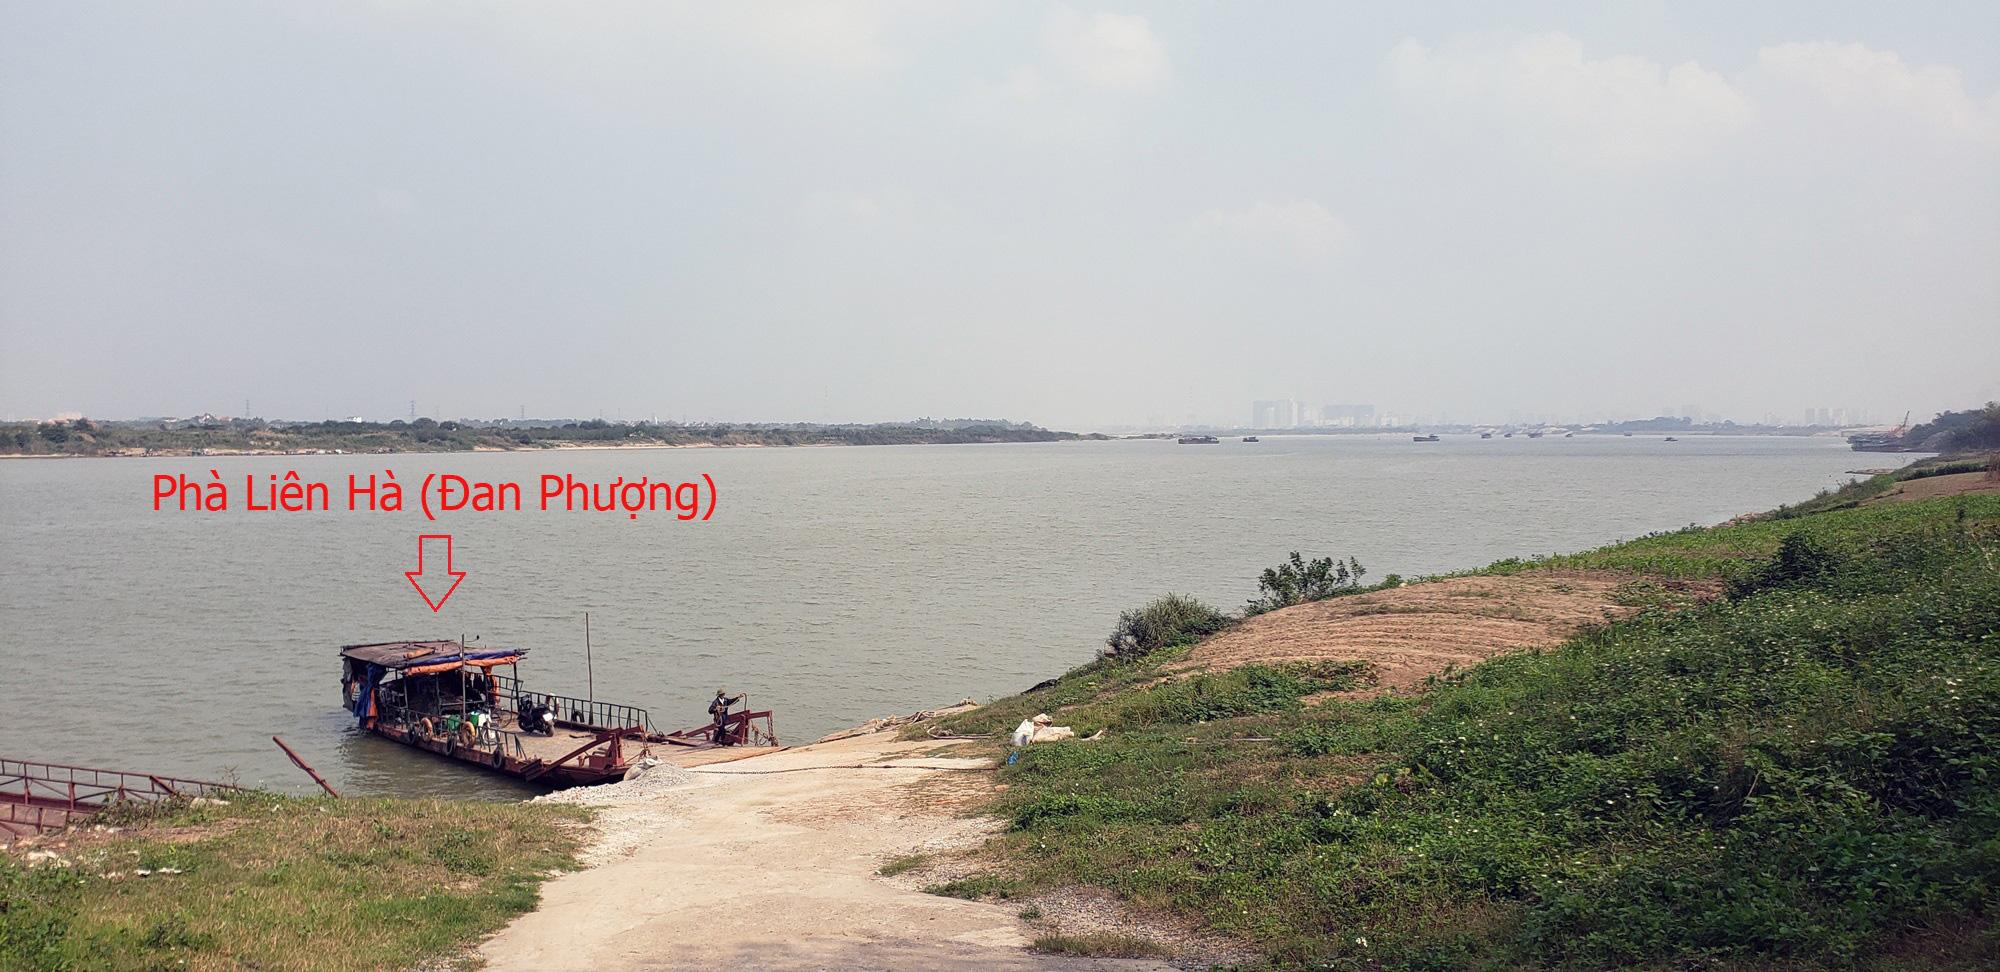 Những dự án sẽ hưởng lợi từ qui hoạch cầu Thượng Cát, Hà Nội - Ảnh 11.